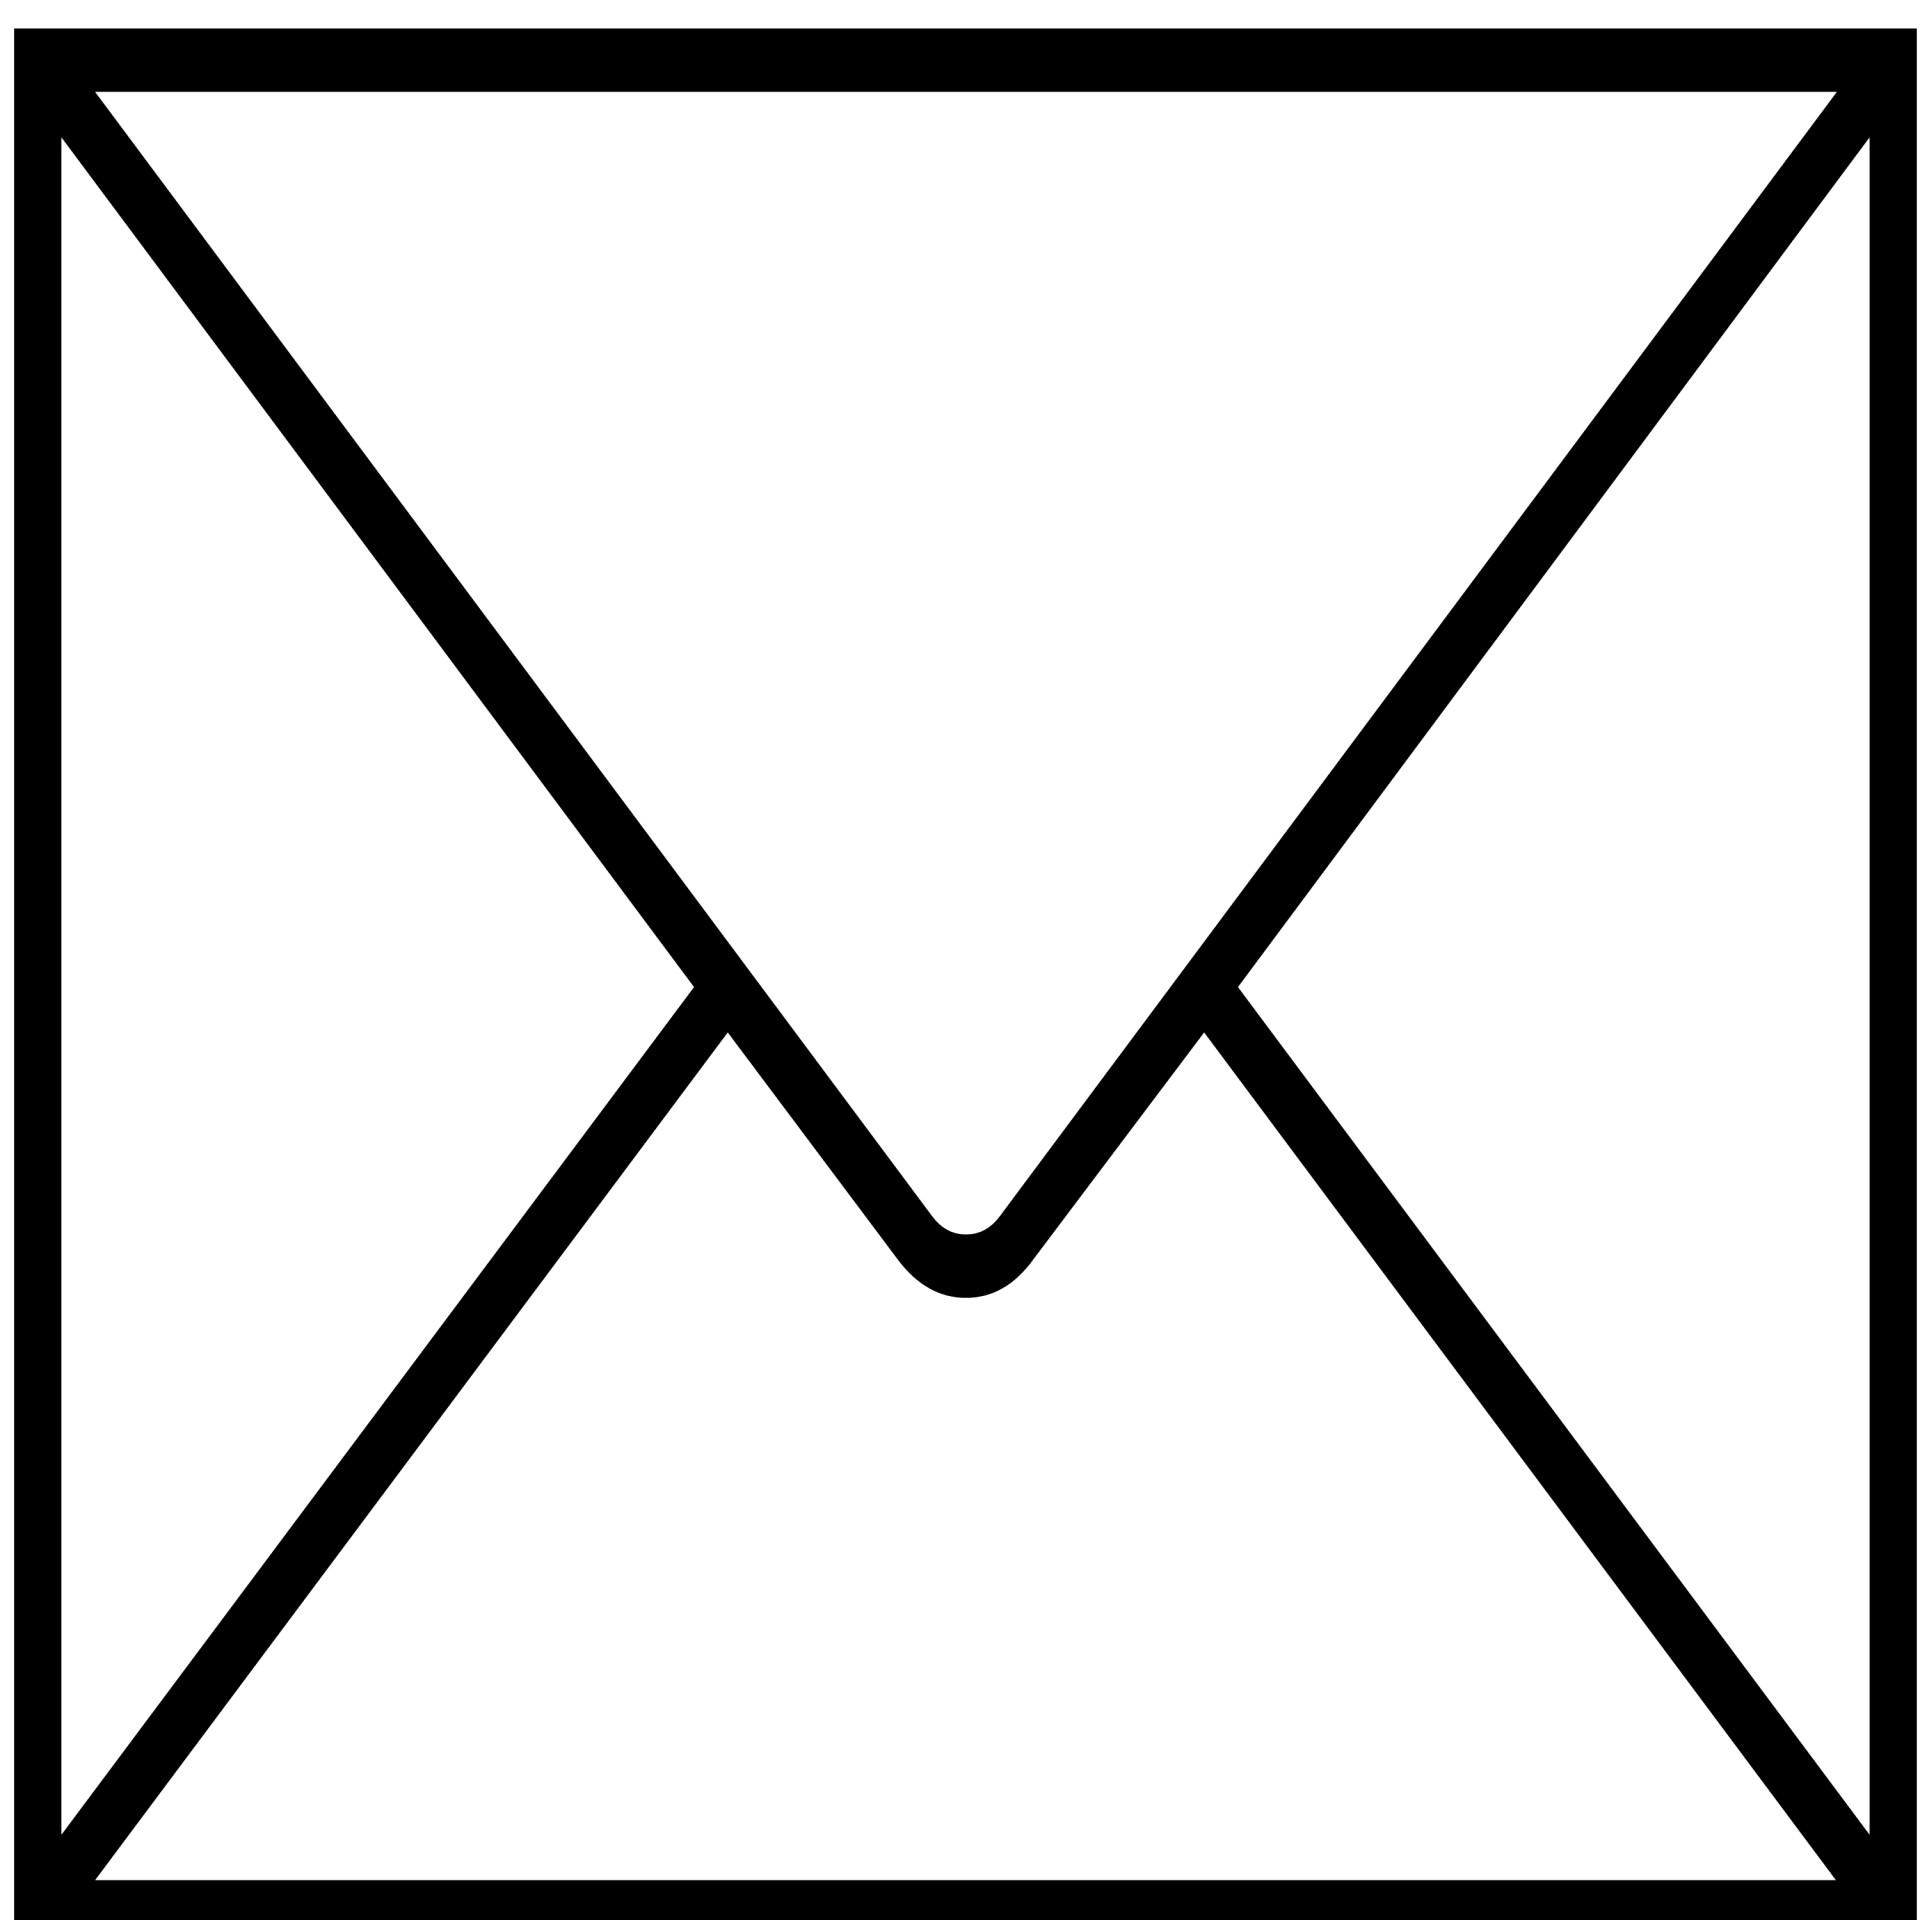 1920x1920 Envelope Silhouette Free Stock Photo